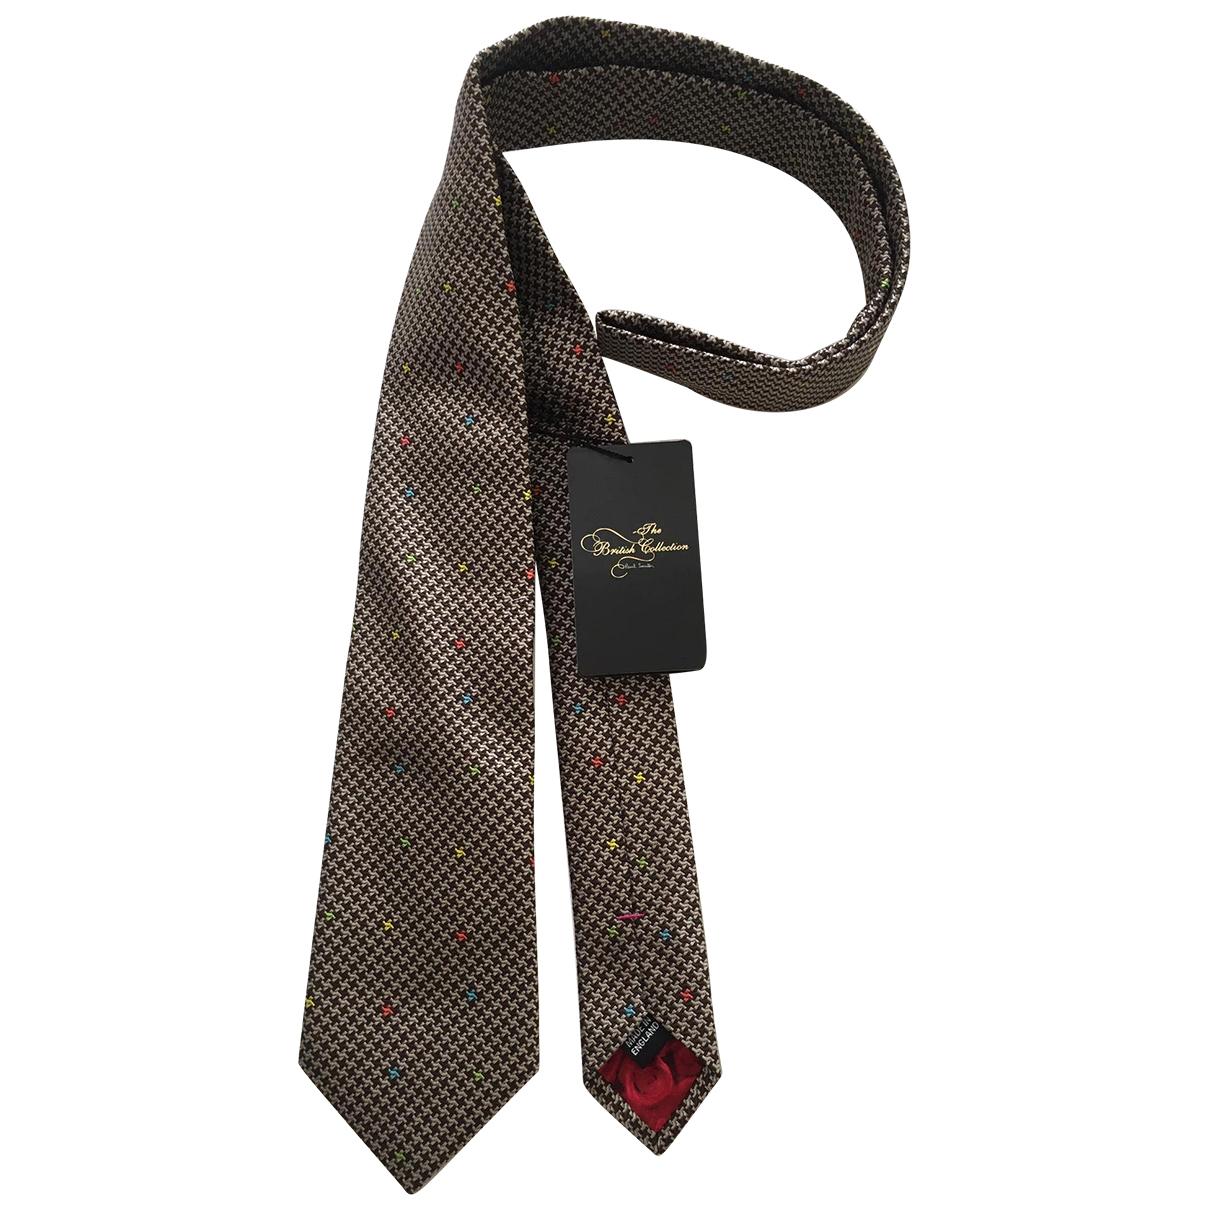 Paul Smith - Cravates   pour homme en soie - marron